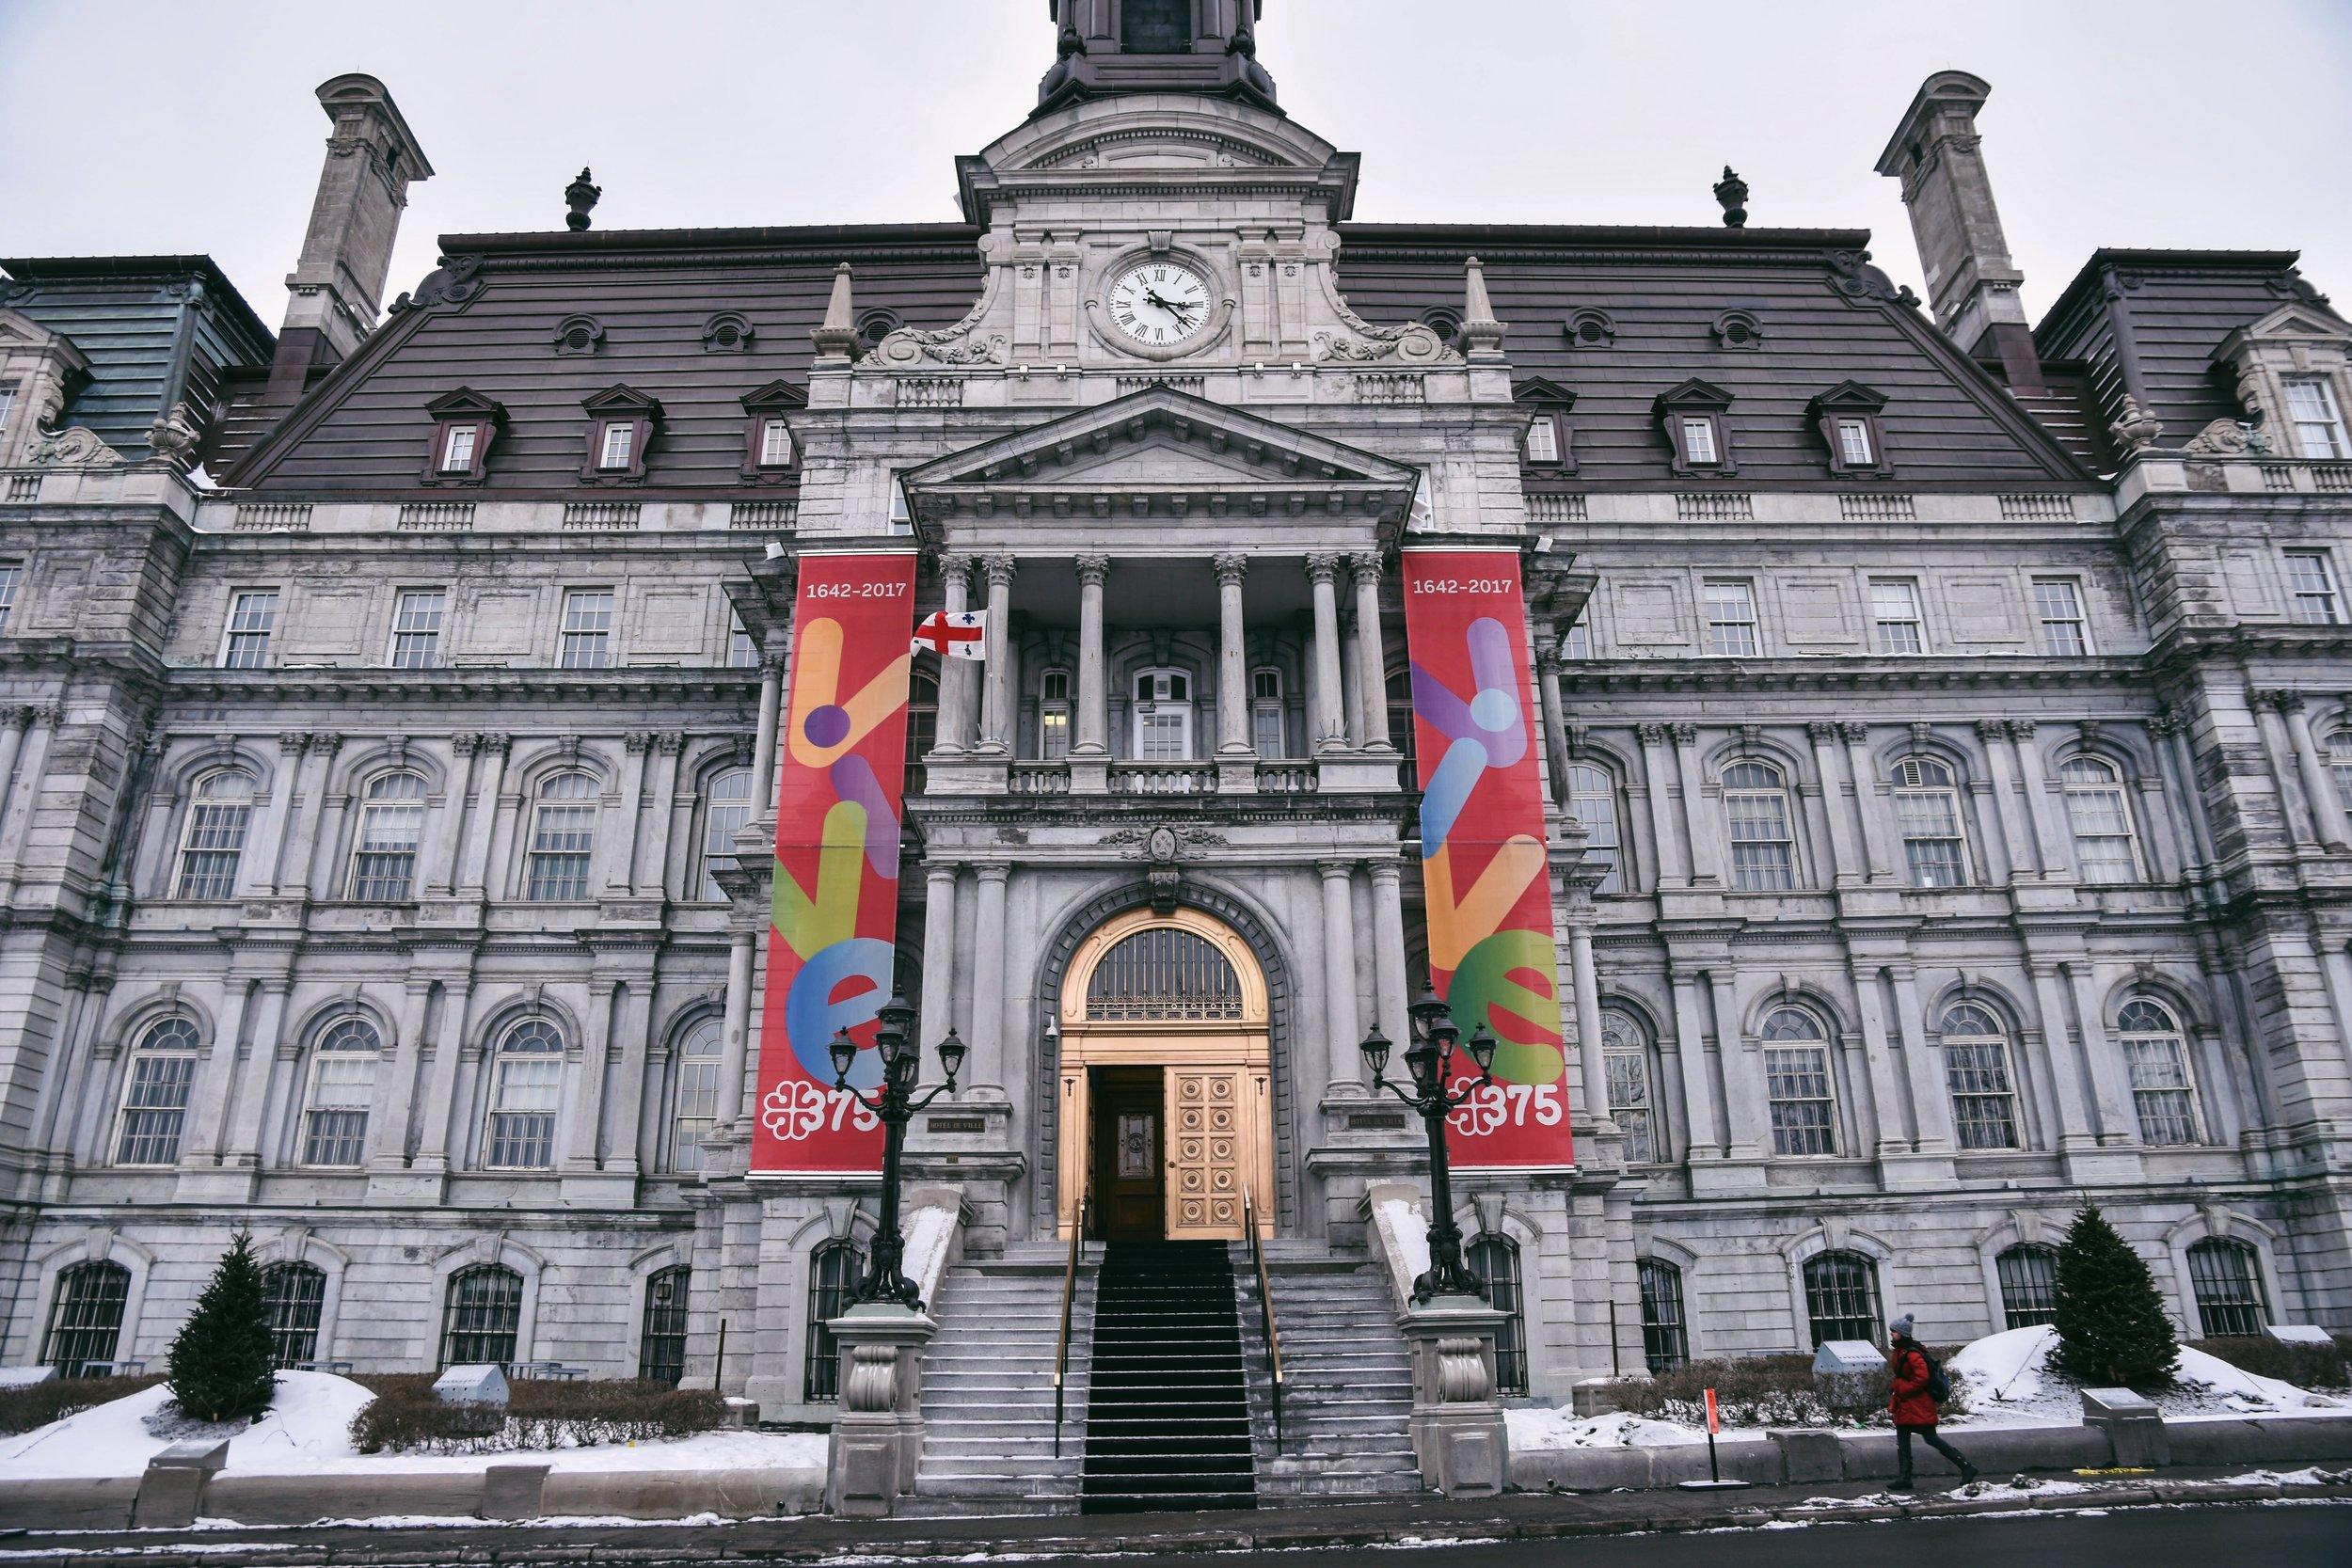 Hôtel de ville de Montréal in Old Montréal